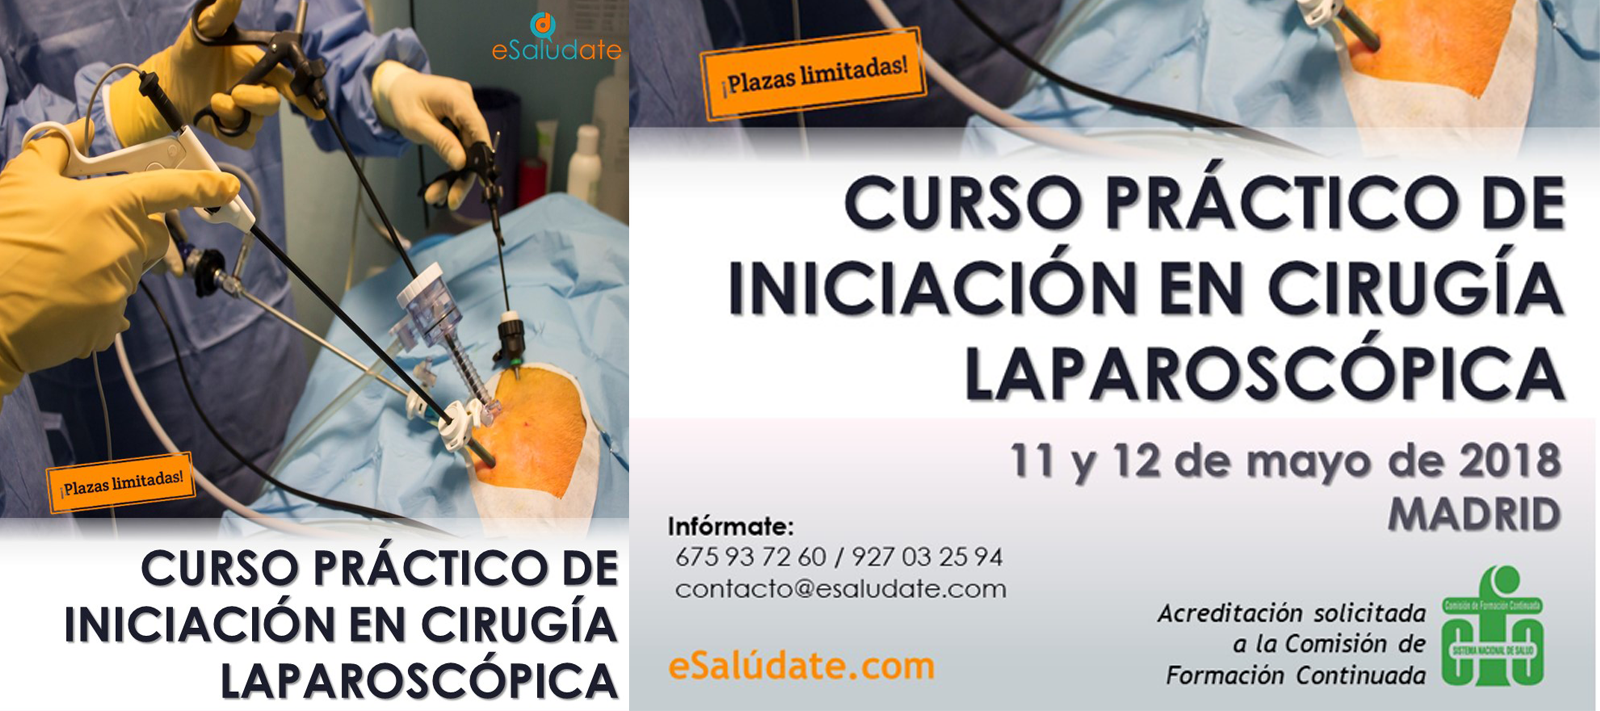 Curso práctico de iniciación a la cirugía laparoscópica